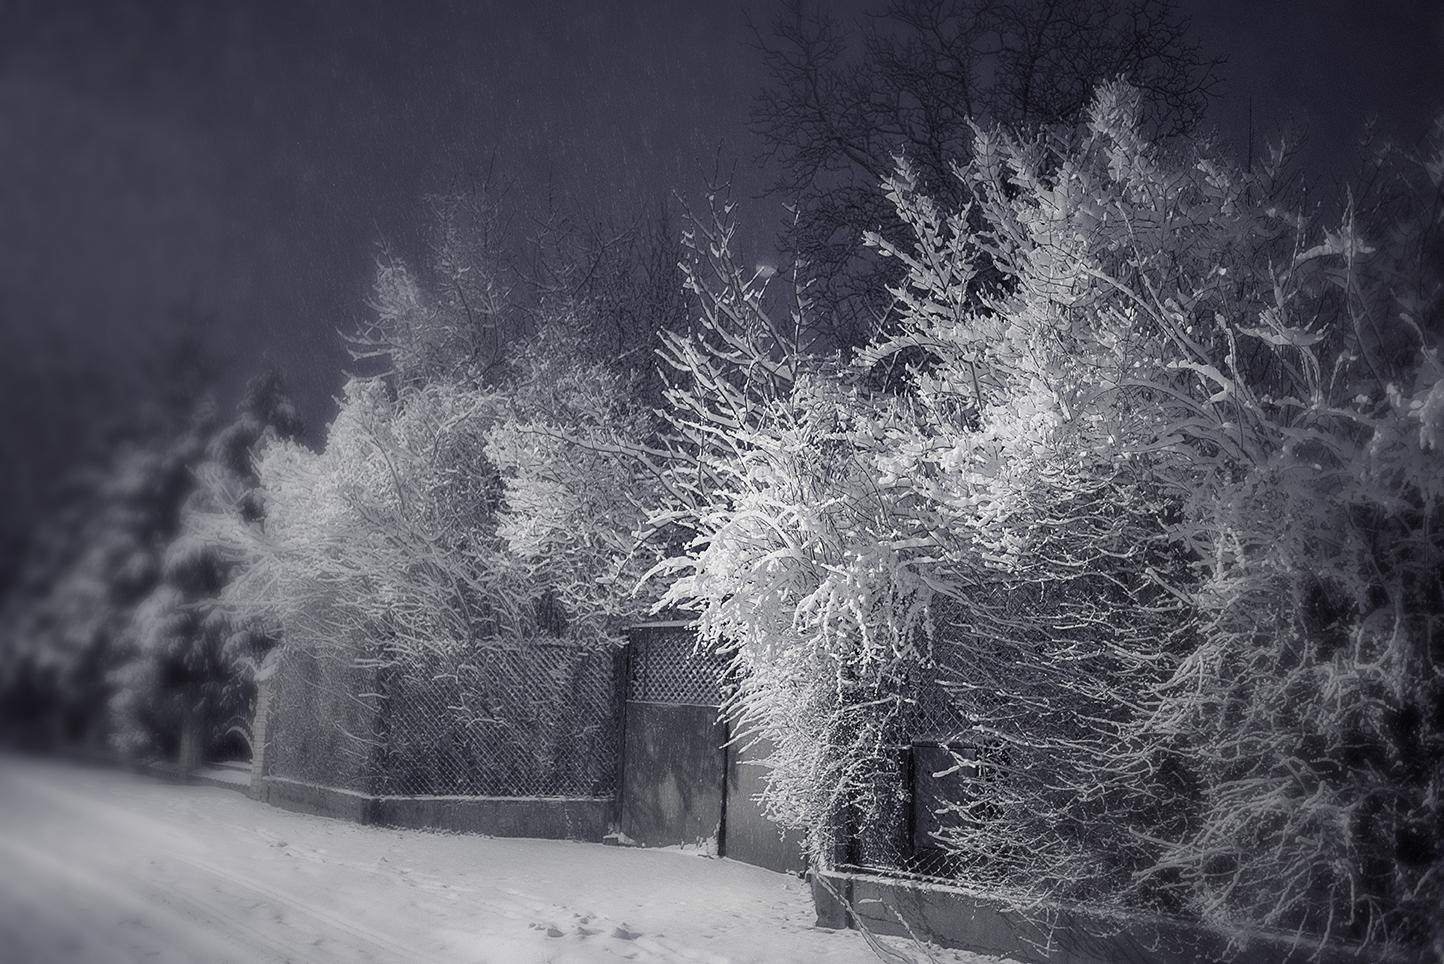 MILUNA-Ewa-Milun-Walczak-Zima-snieg-Piastow-plener-opady-biel-magia-zimy-zimno-chlod-piekno-Pod-pierzyna-3